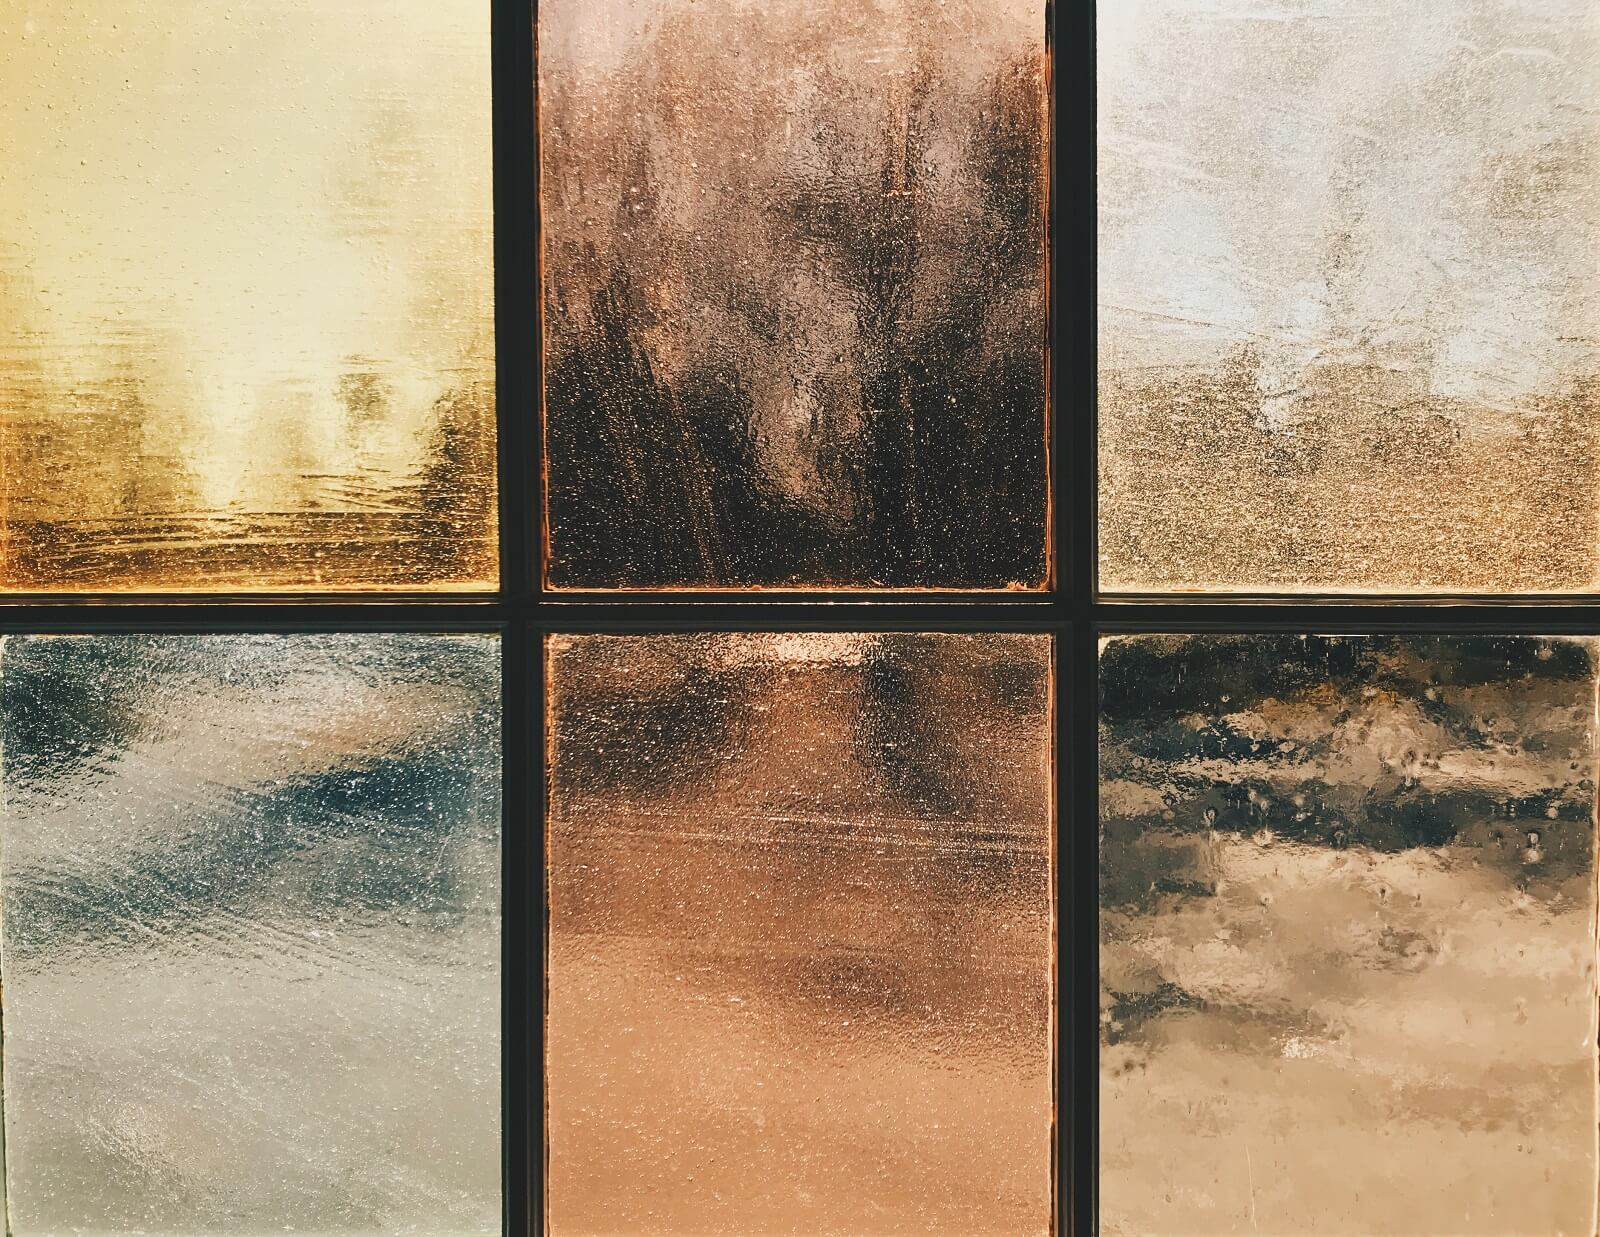 Szkło na podłodze w domu